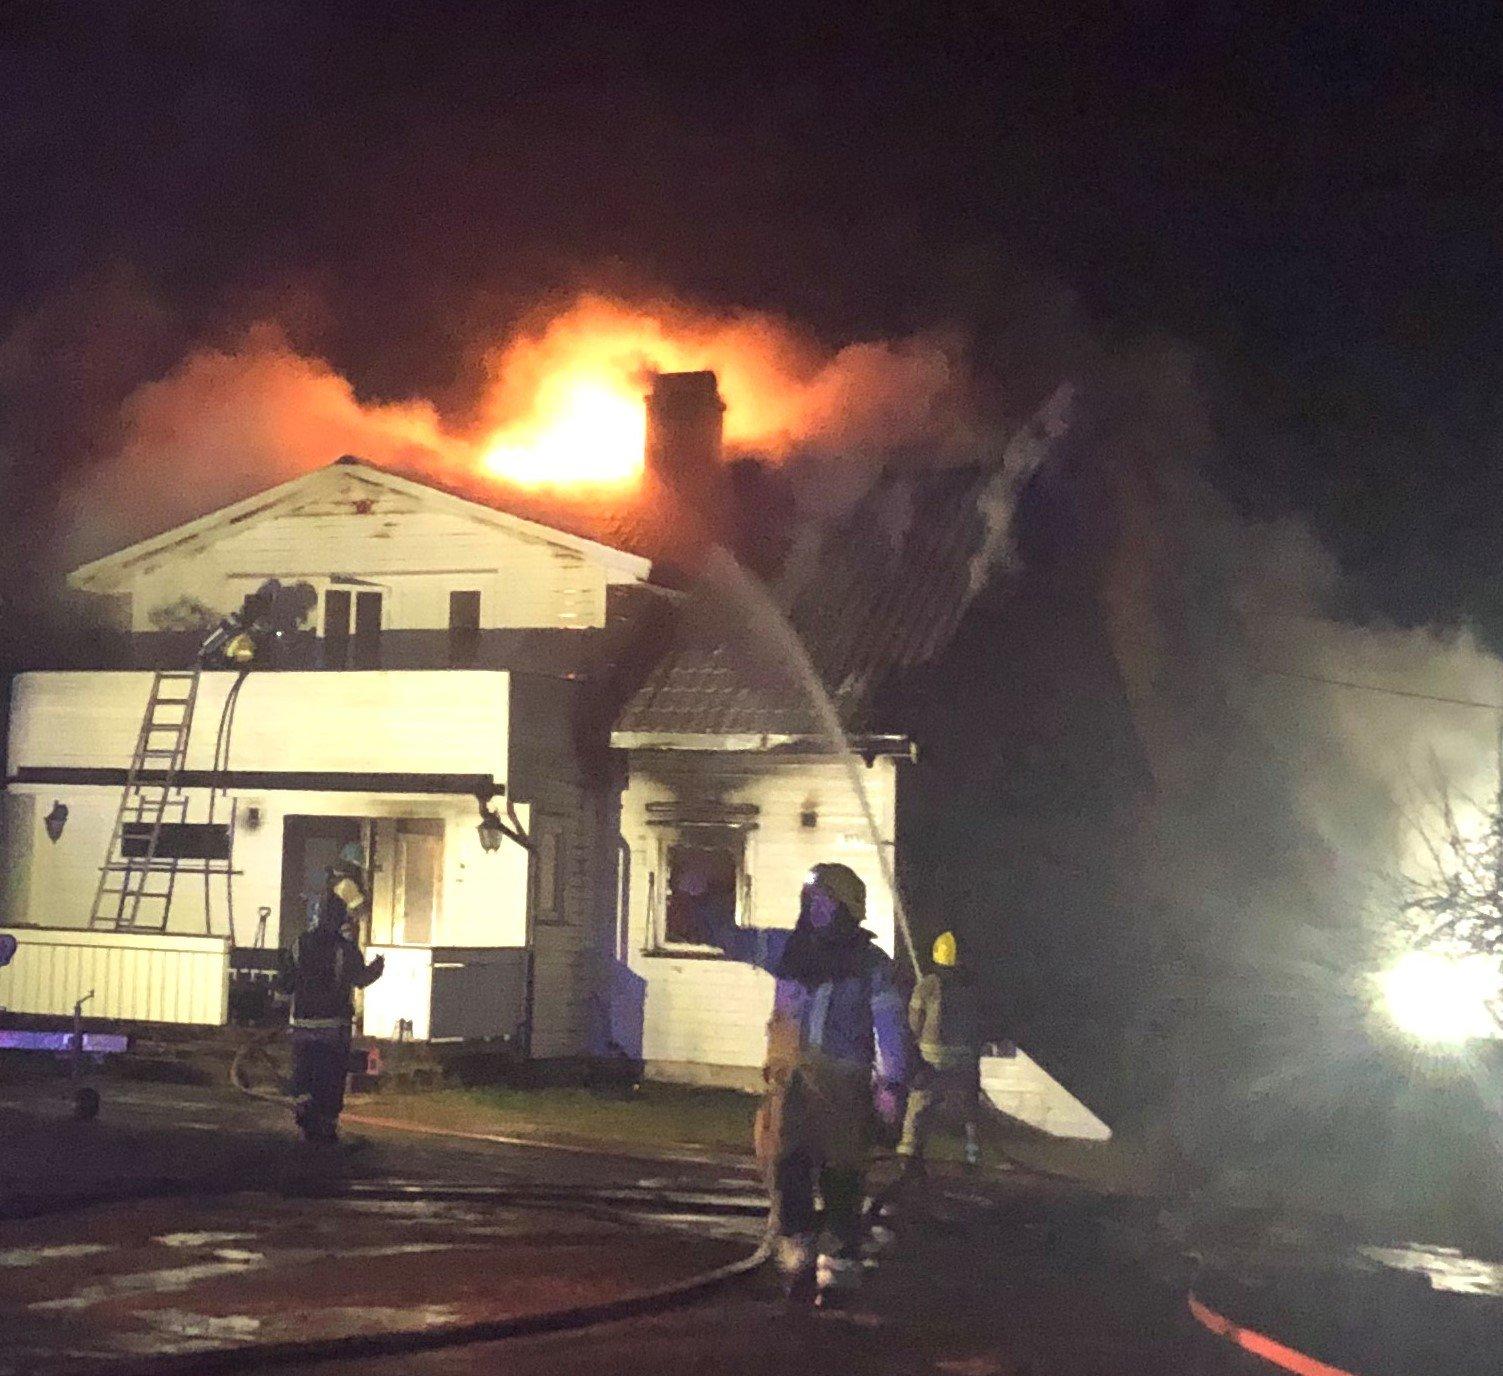 Etterforsker en rekke branner som har oppstått de siste ukene